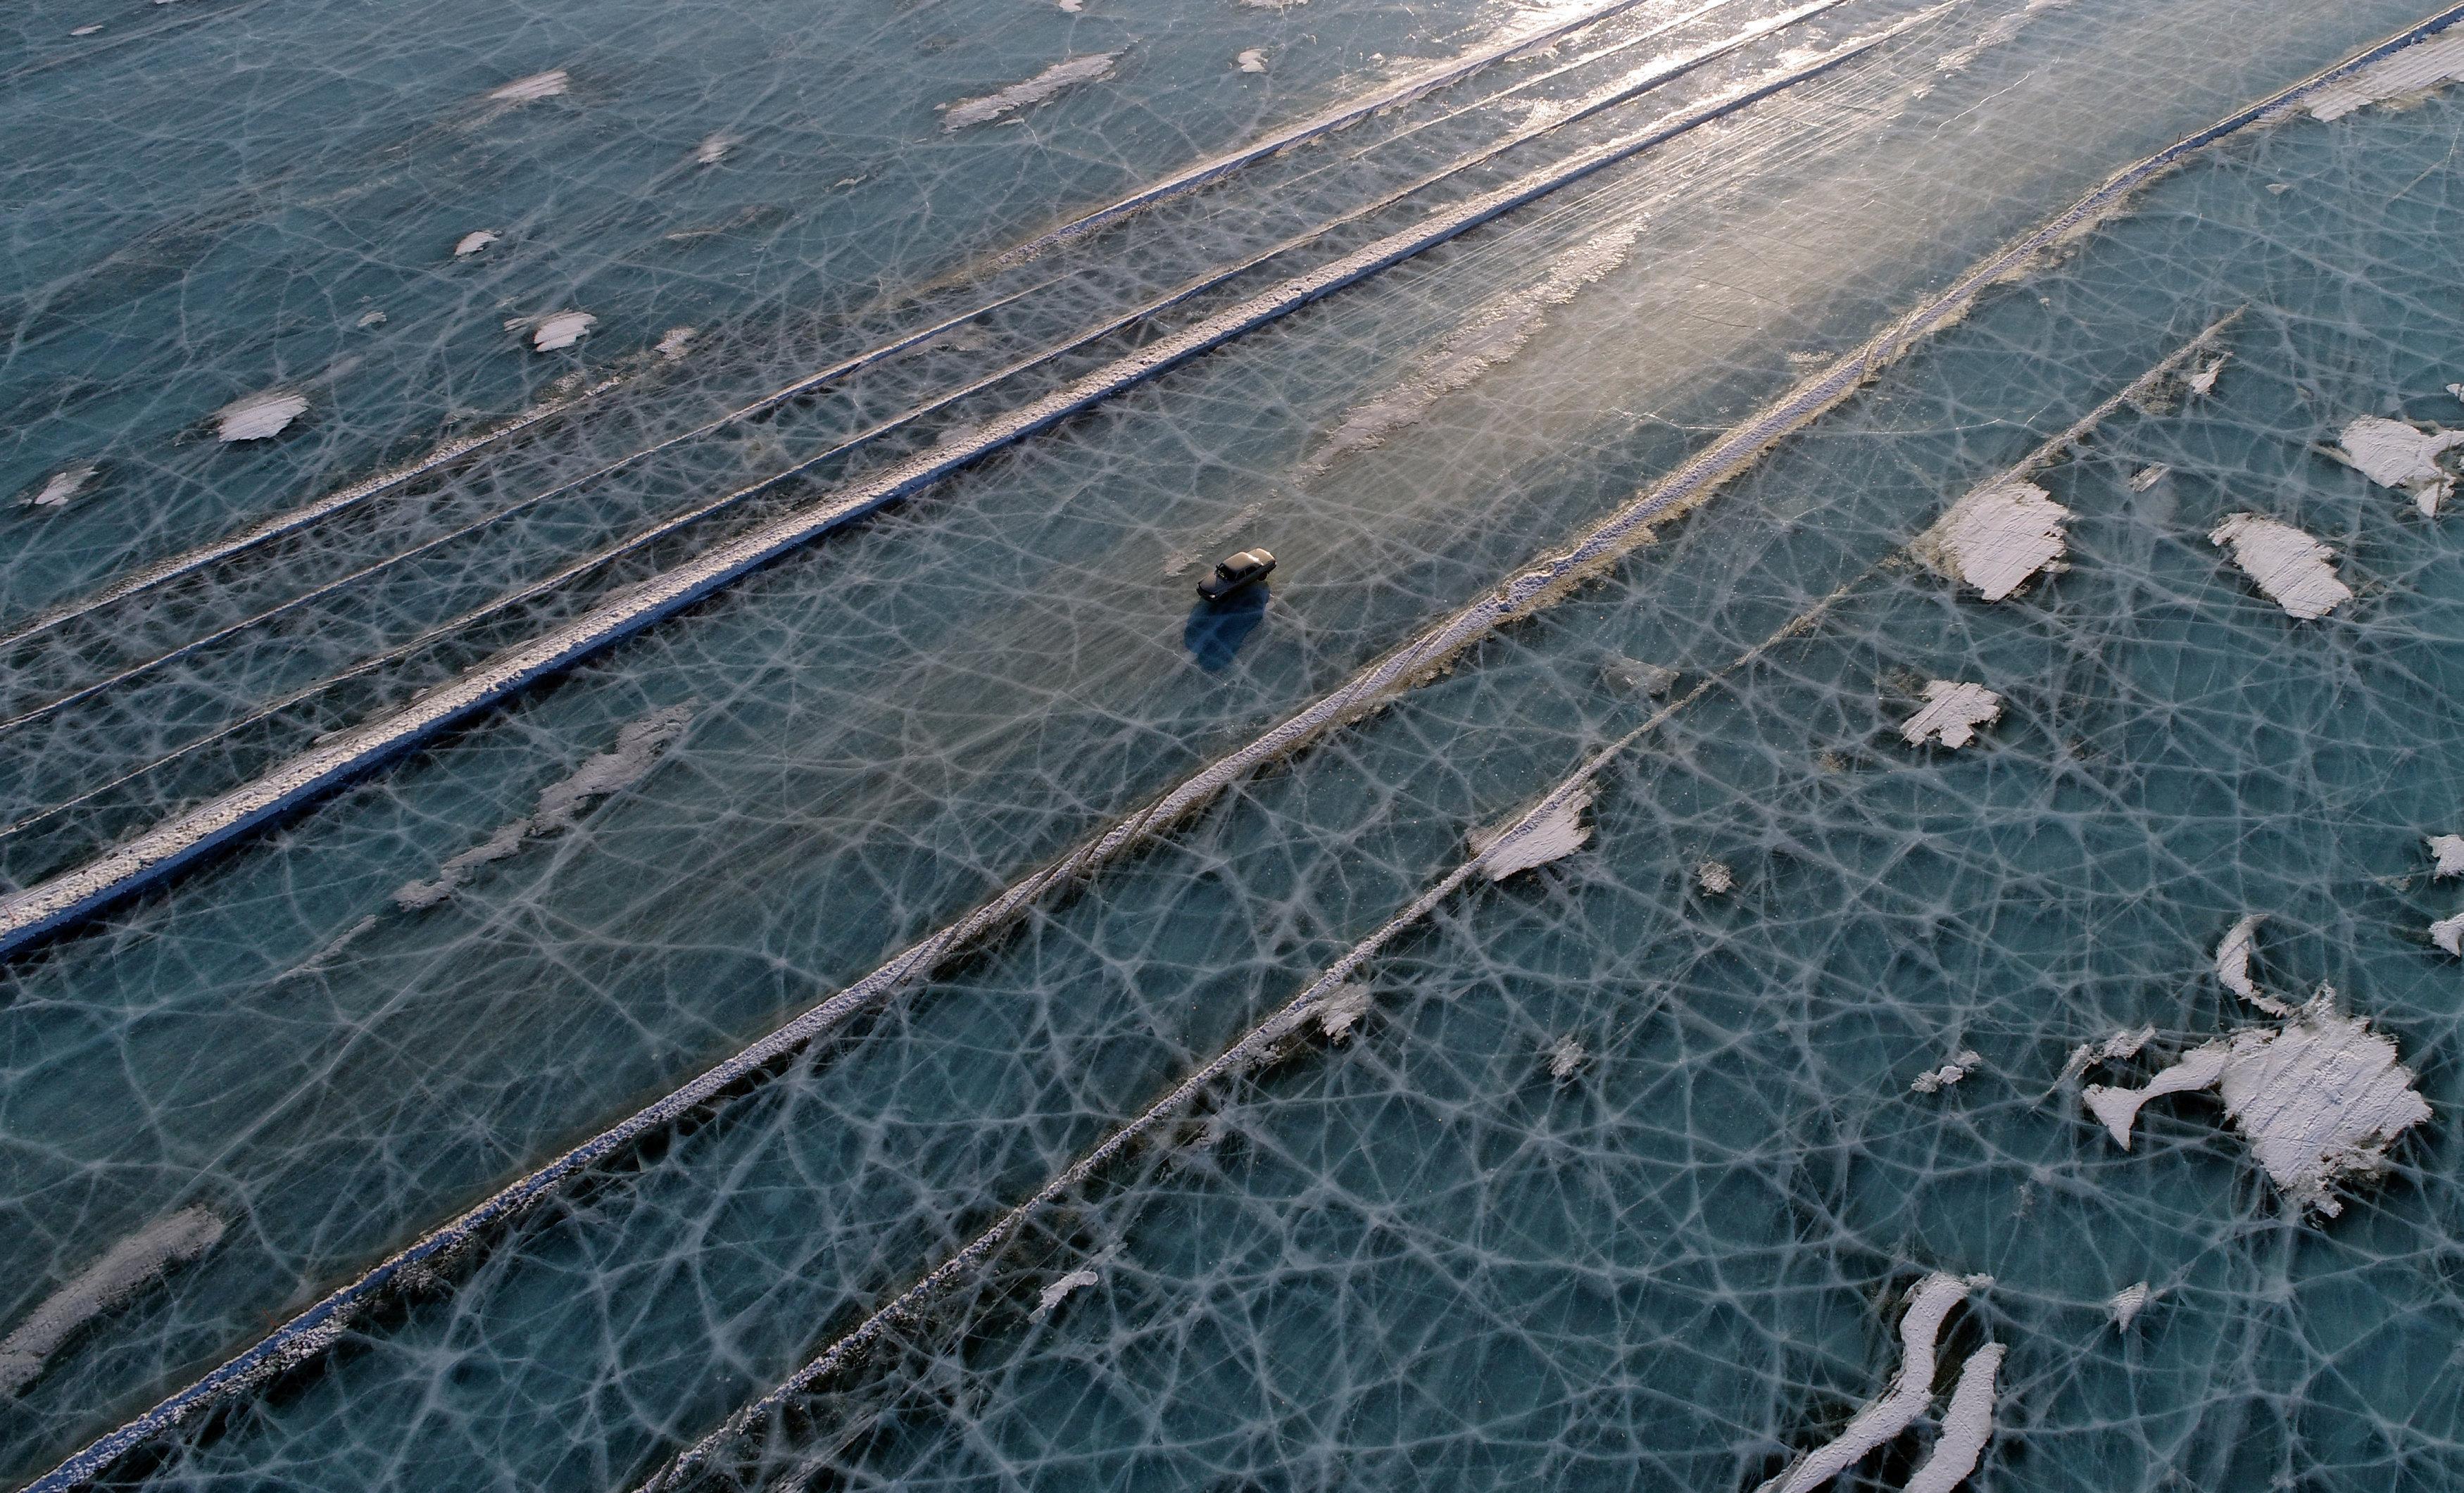 俄罗斯司机在叶尼塞河冰面上淡定驰骋